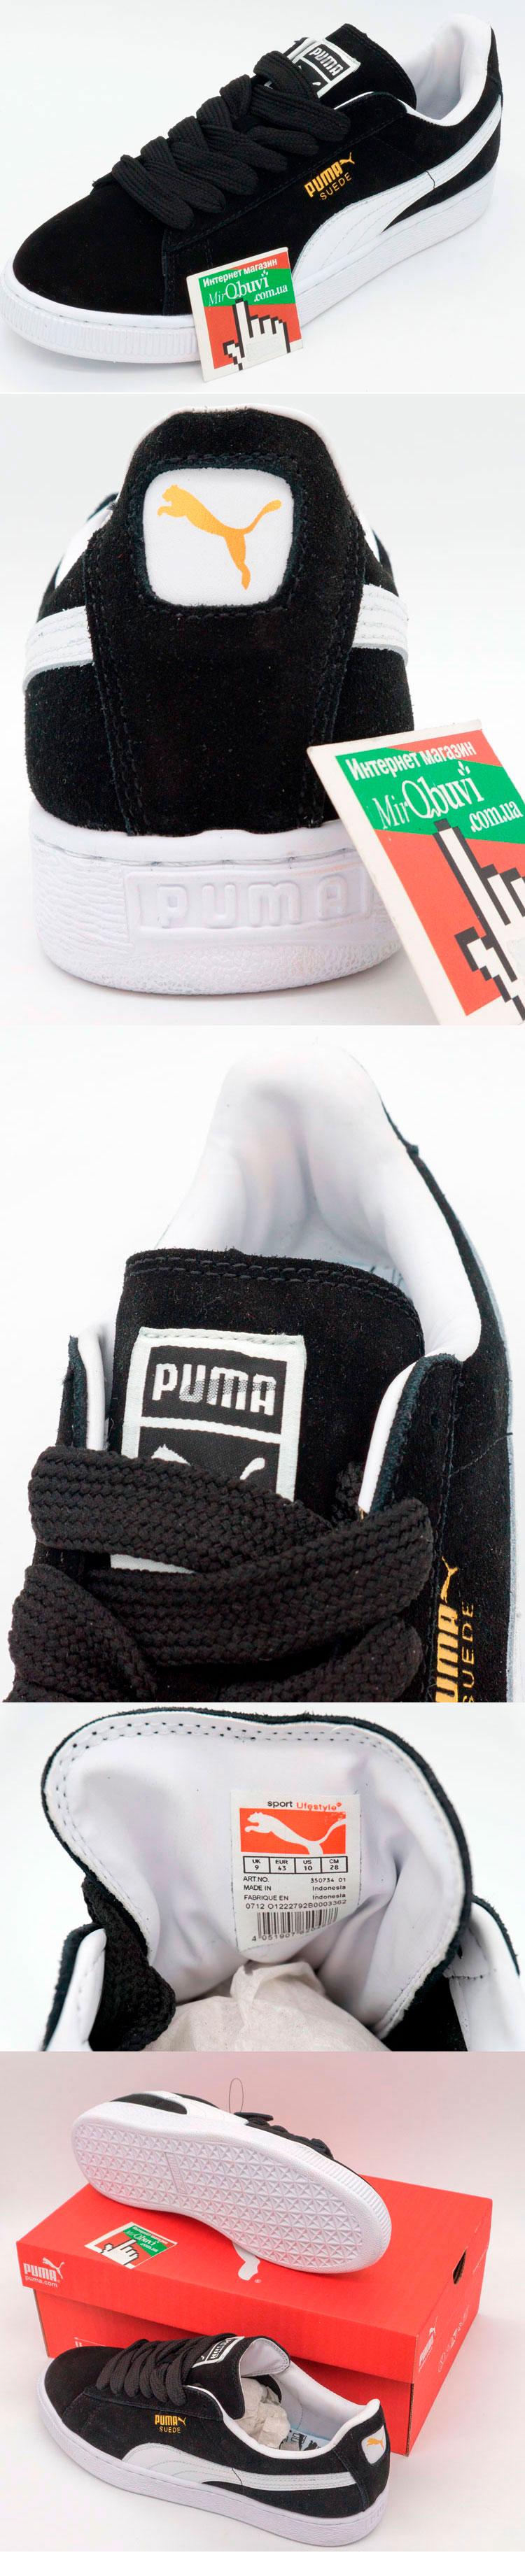 большое фото №5 Мужские кроссовки Puma Suede черные Indonesia